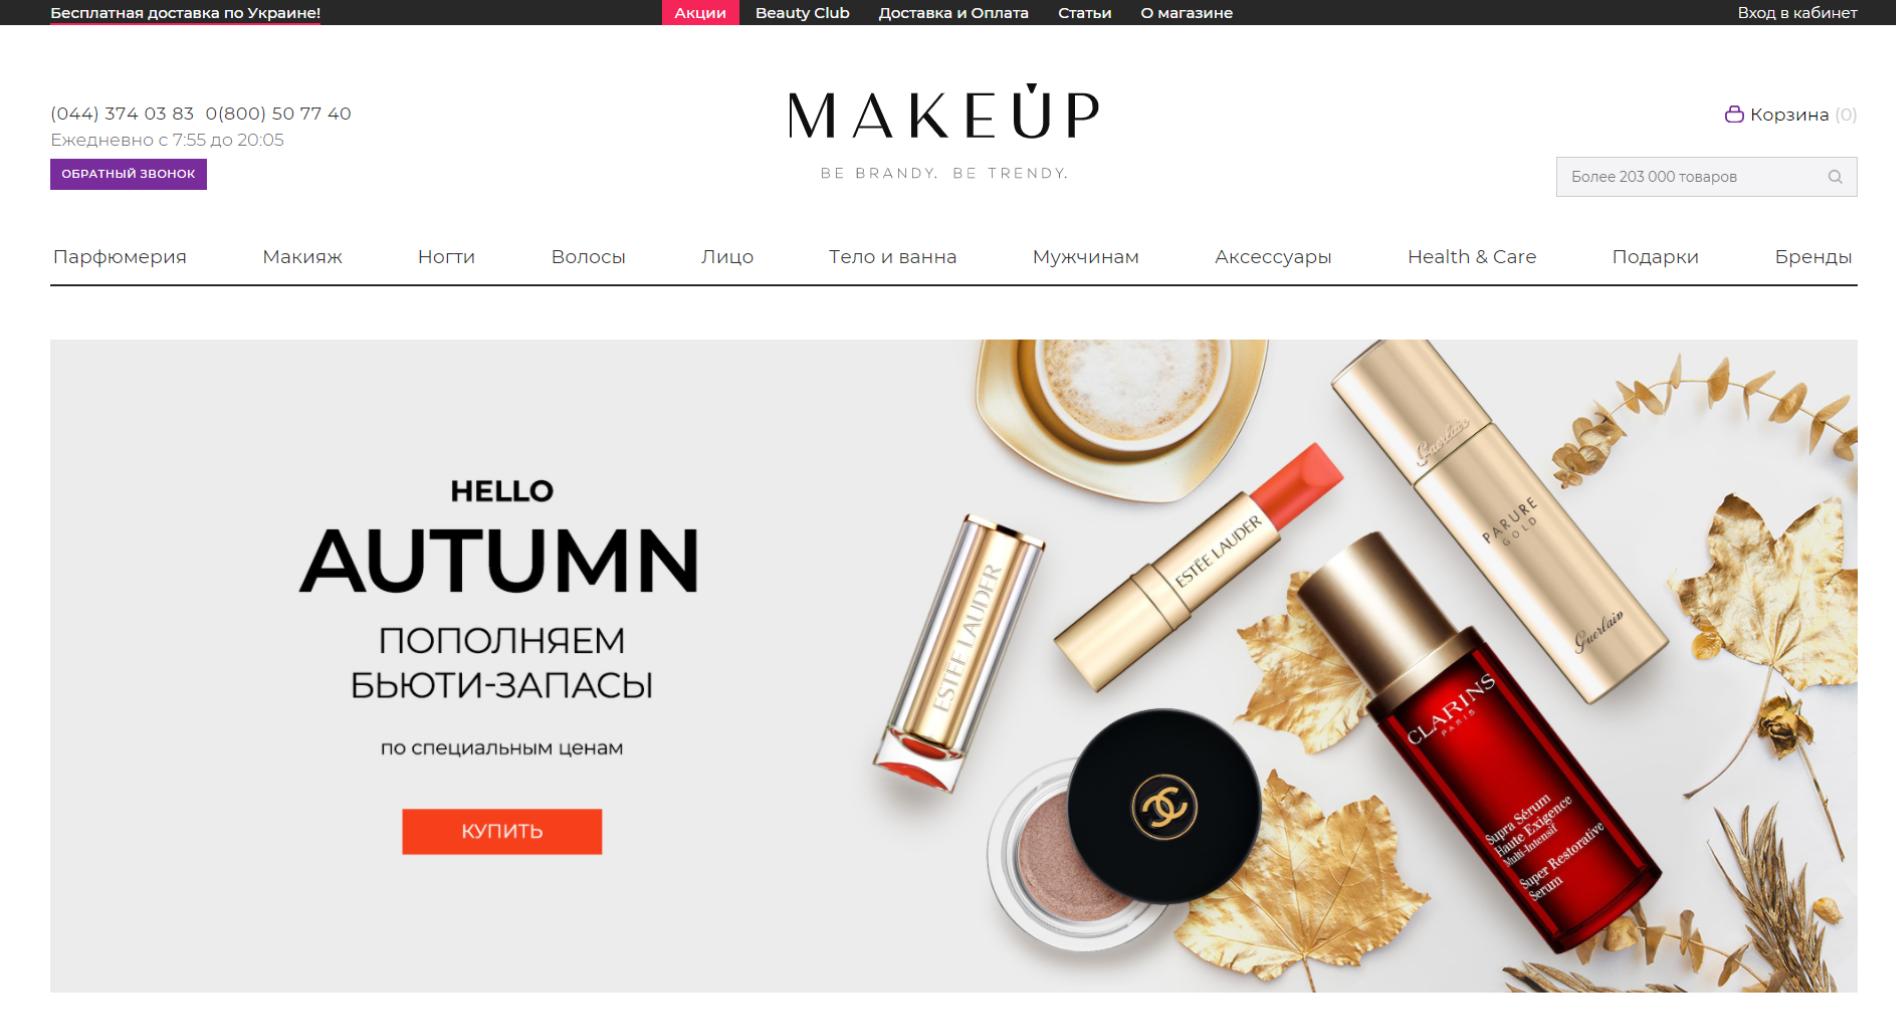 Сайт интернет-магазина MakeUp